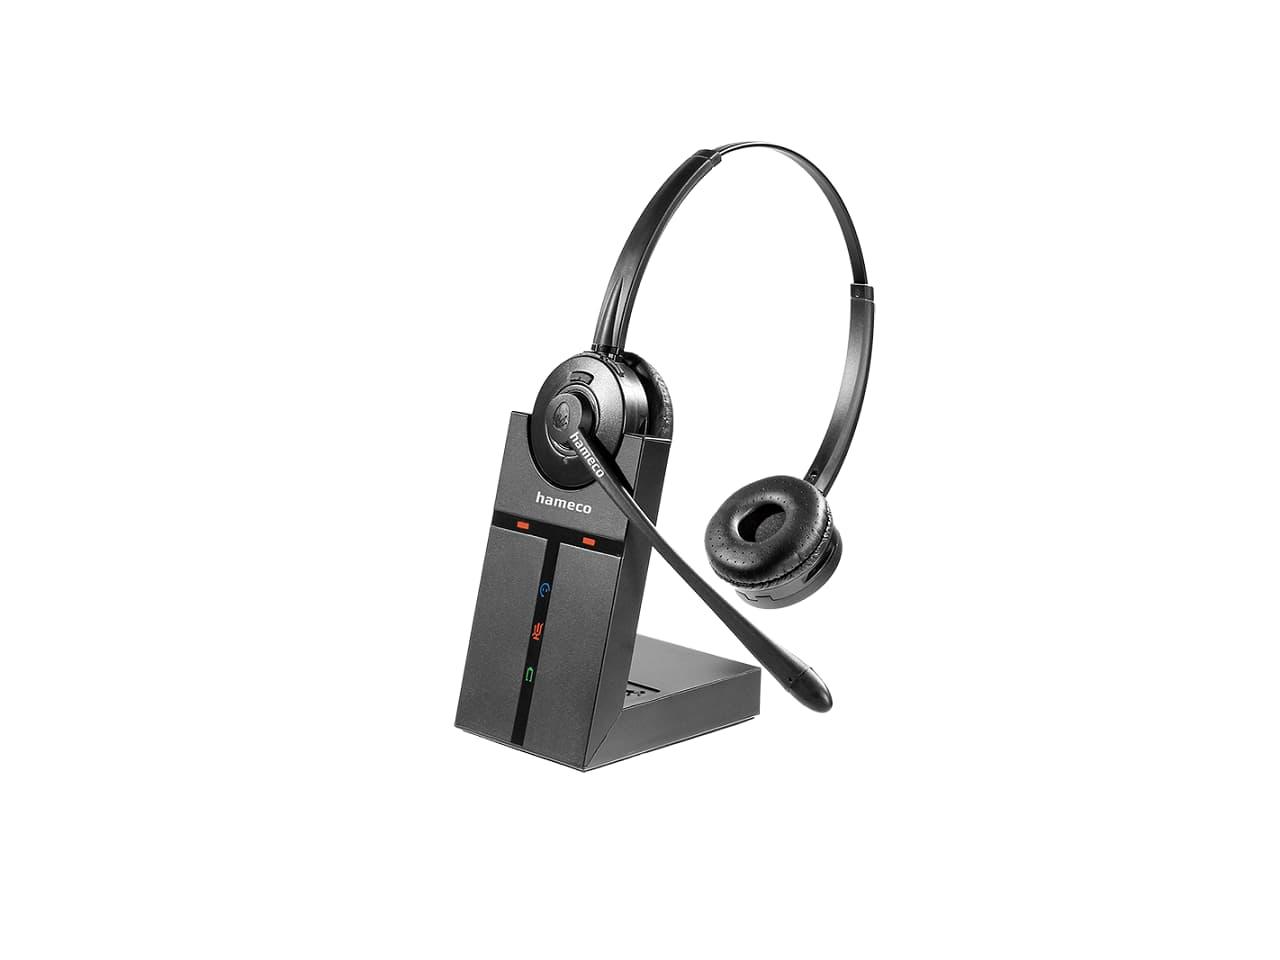 Vezeték nélküli fejhallgató,fejbeszélő,headset, fejhallgató mikrofonnal